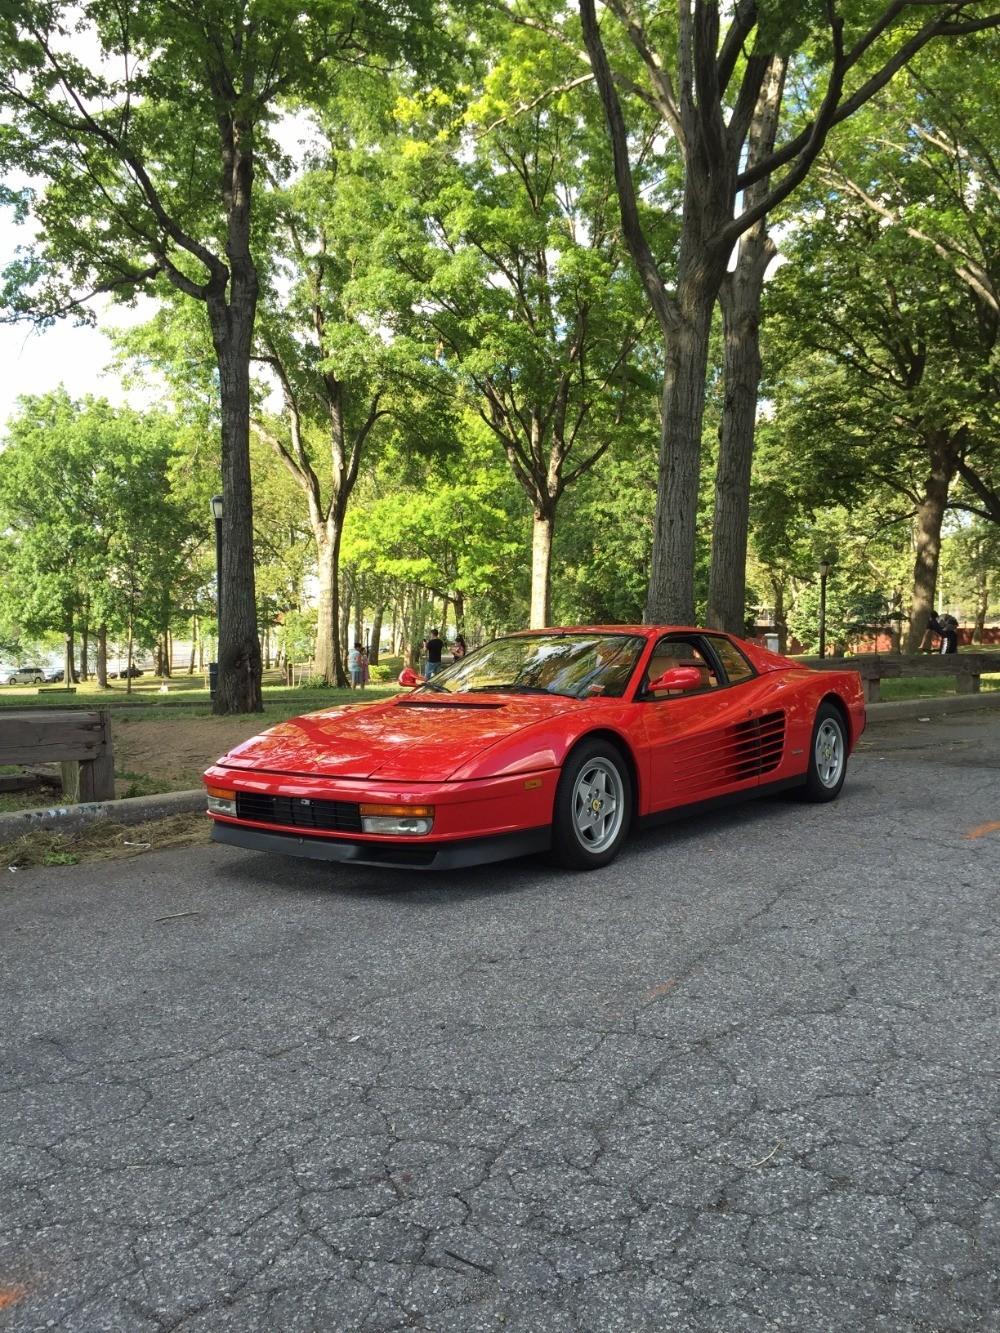 1991 ferrari testarossa stunning 1991 ferrari testarossa with 13k miles vanachro Images